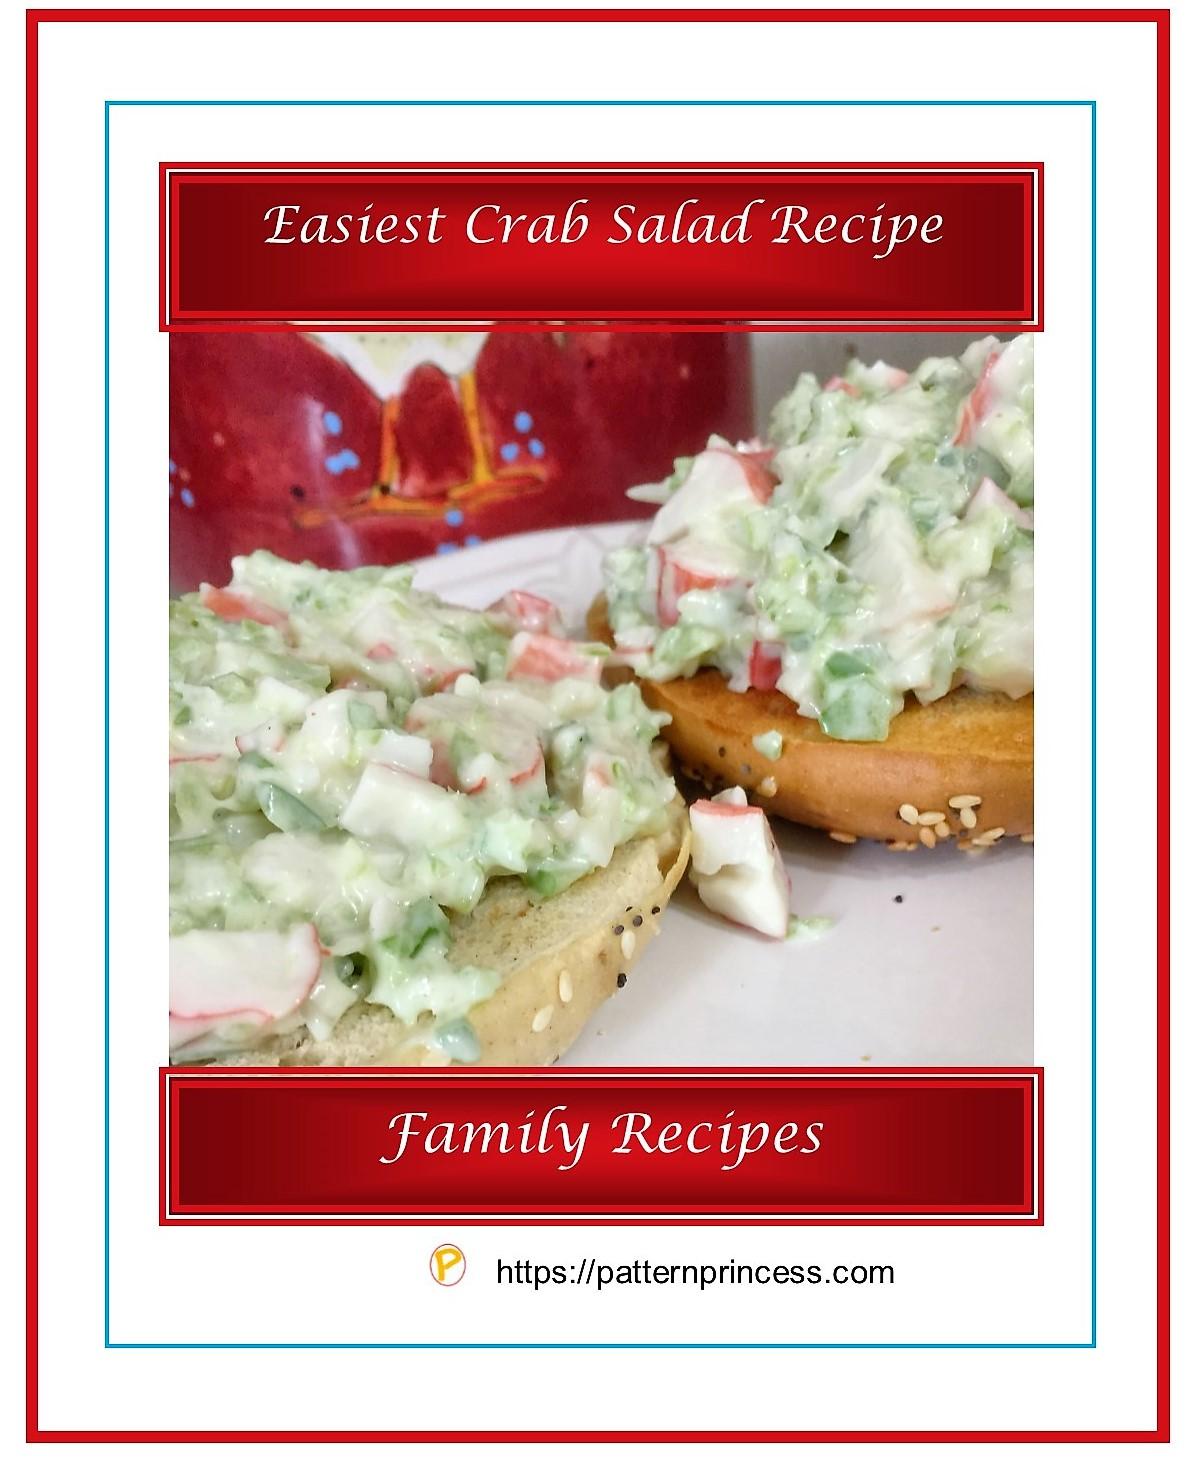 Easiest Crab Salad Recipe 1